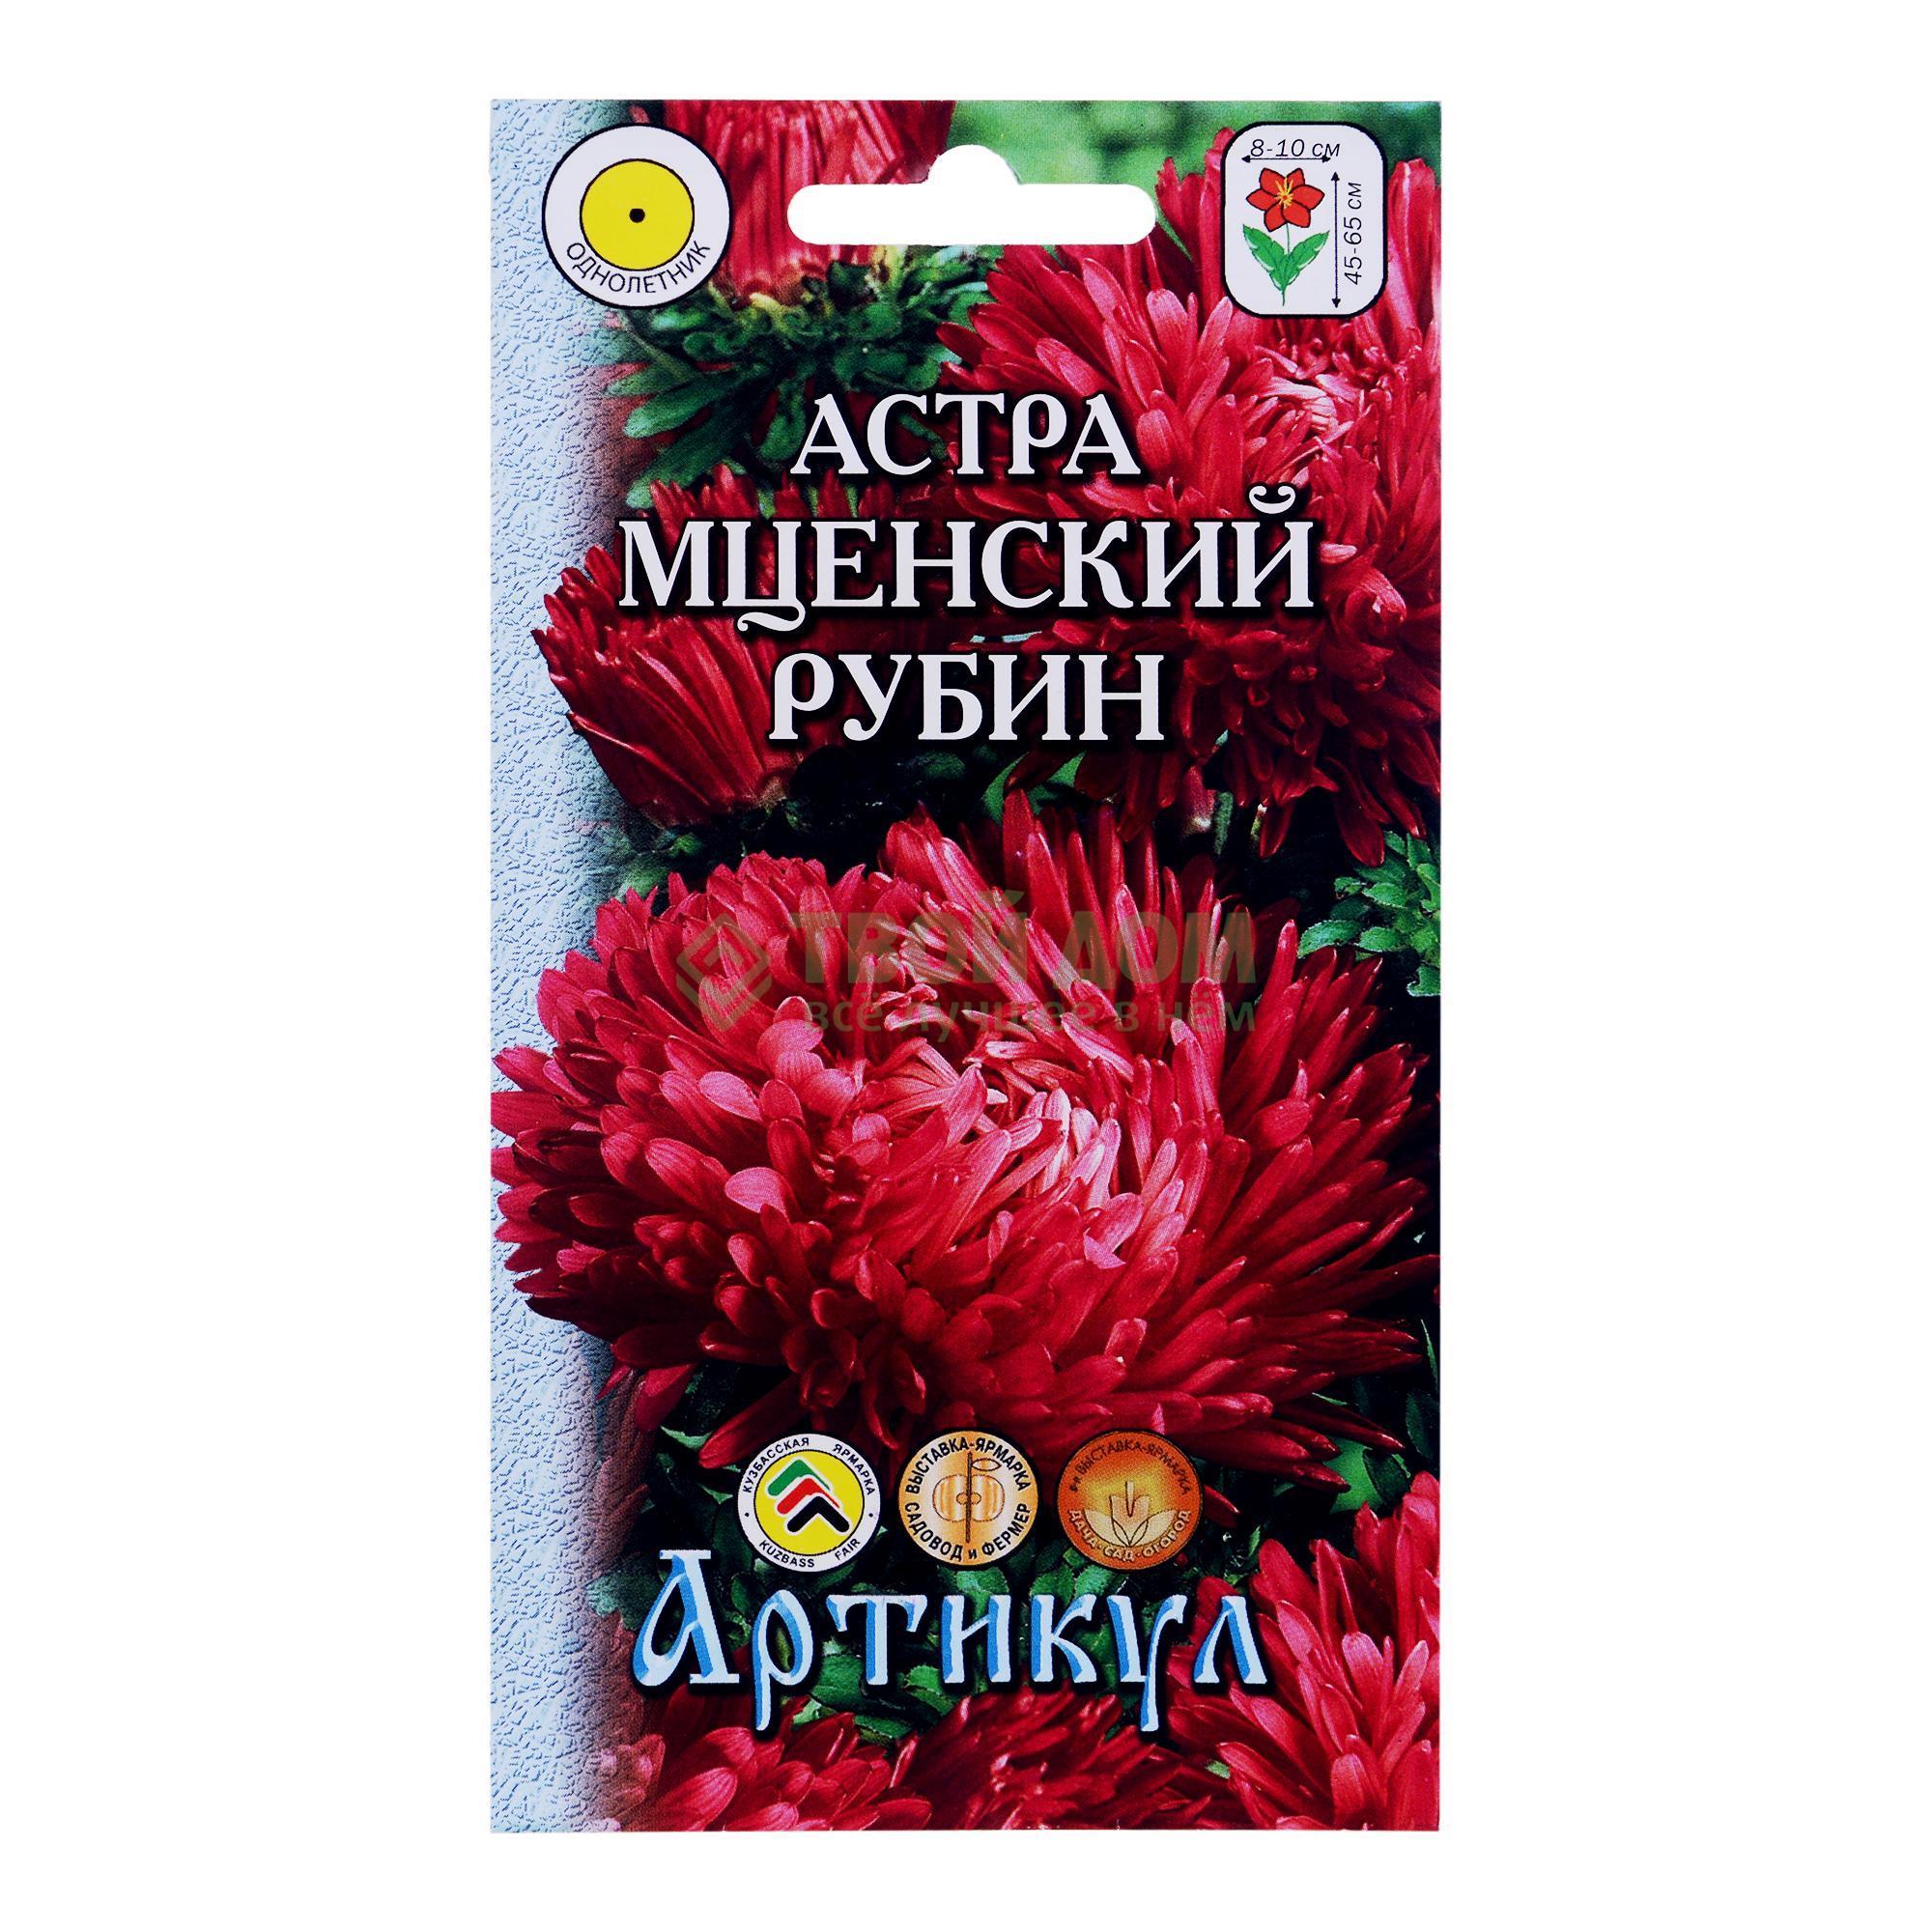 Артикул Астра Мценский рубин фото